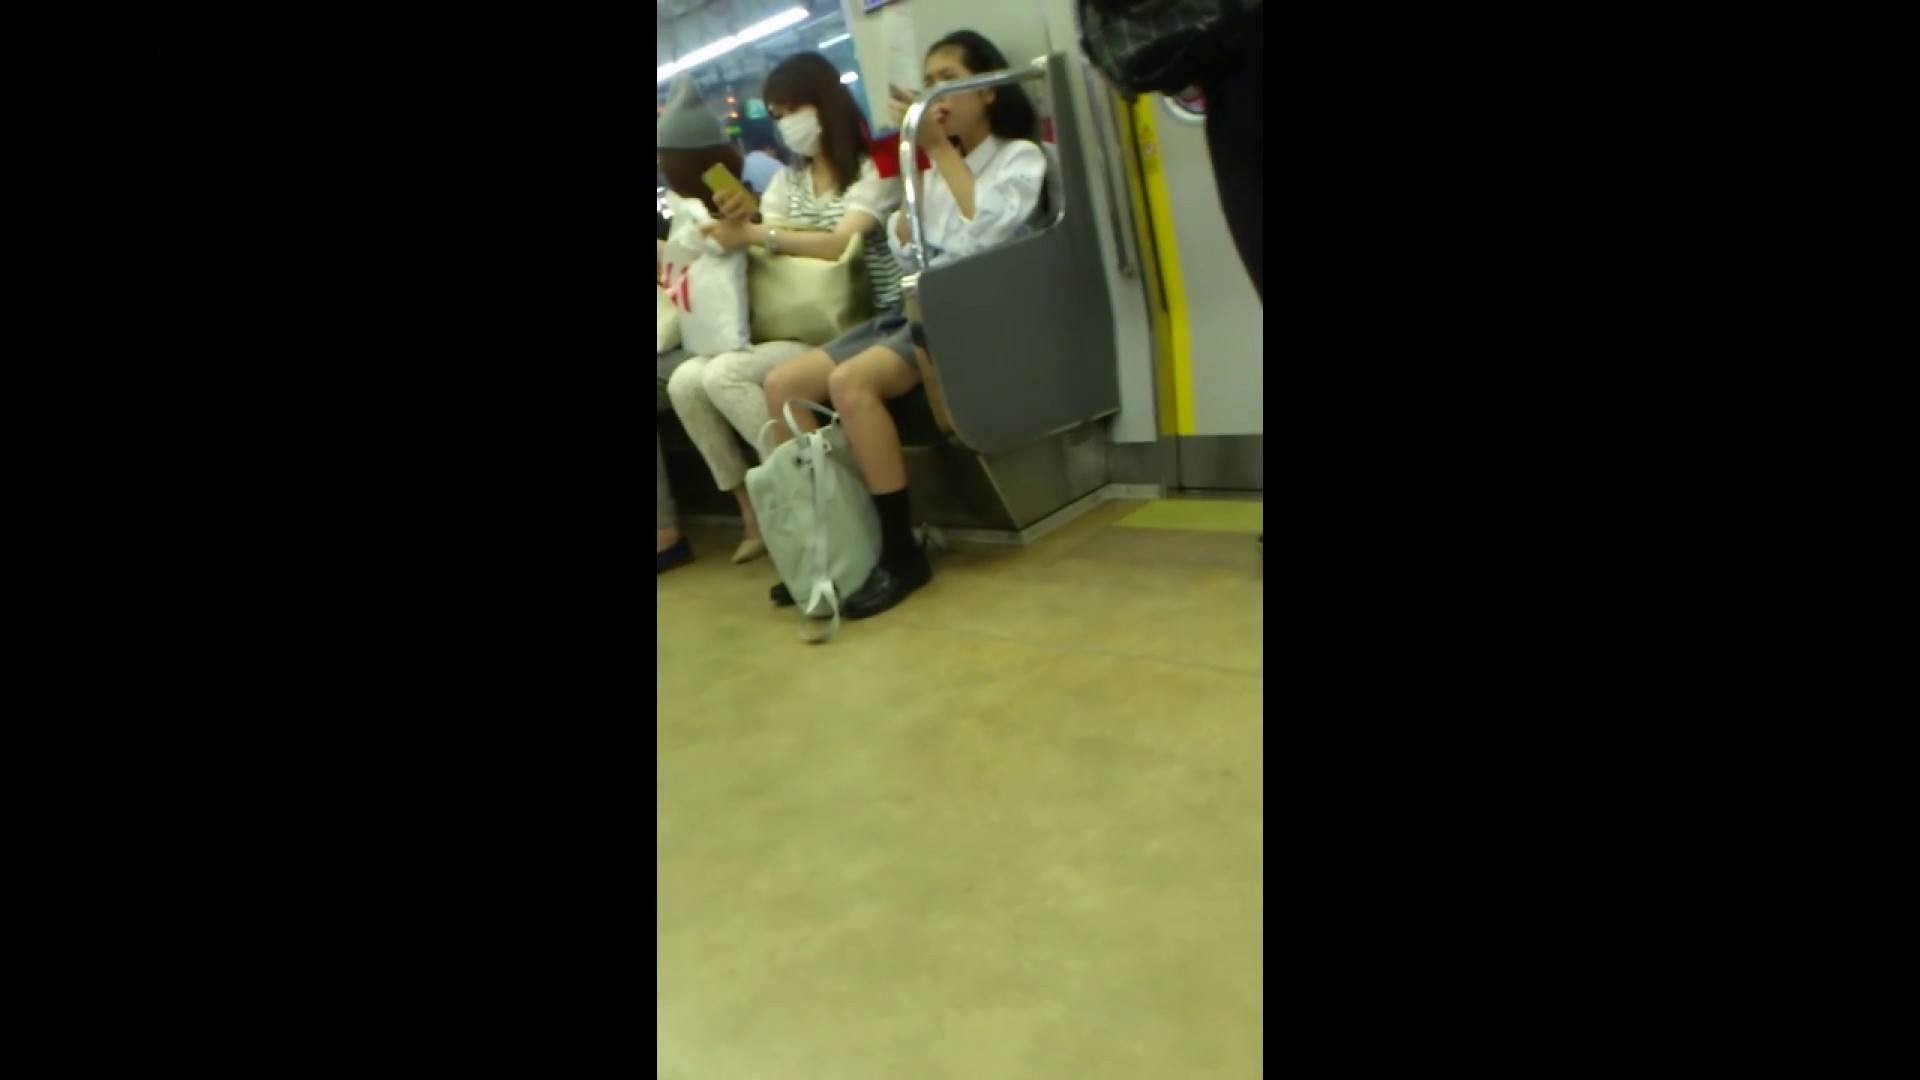 盗撮列車 vol.05 制月反のスカートの中が…見たいです。 期間限定 のぞきおめこ無修正画像 42pic 7